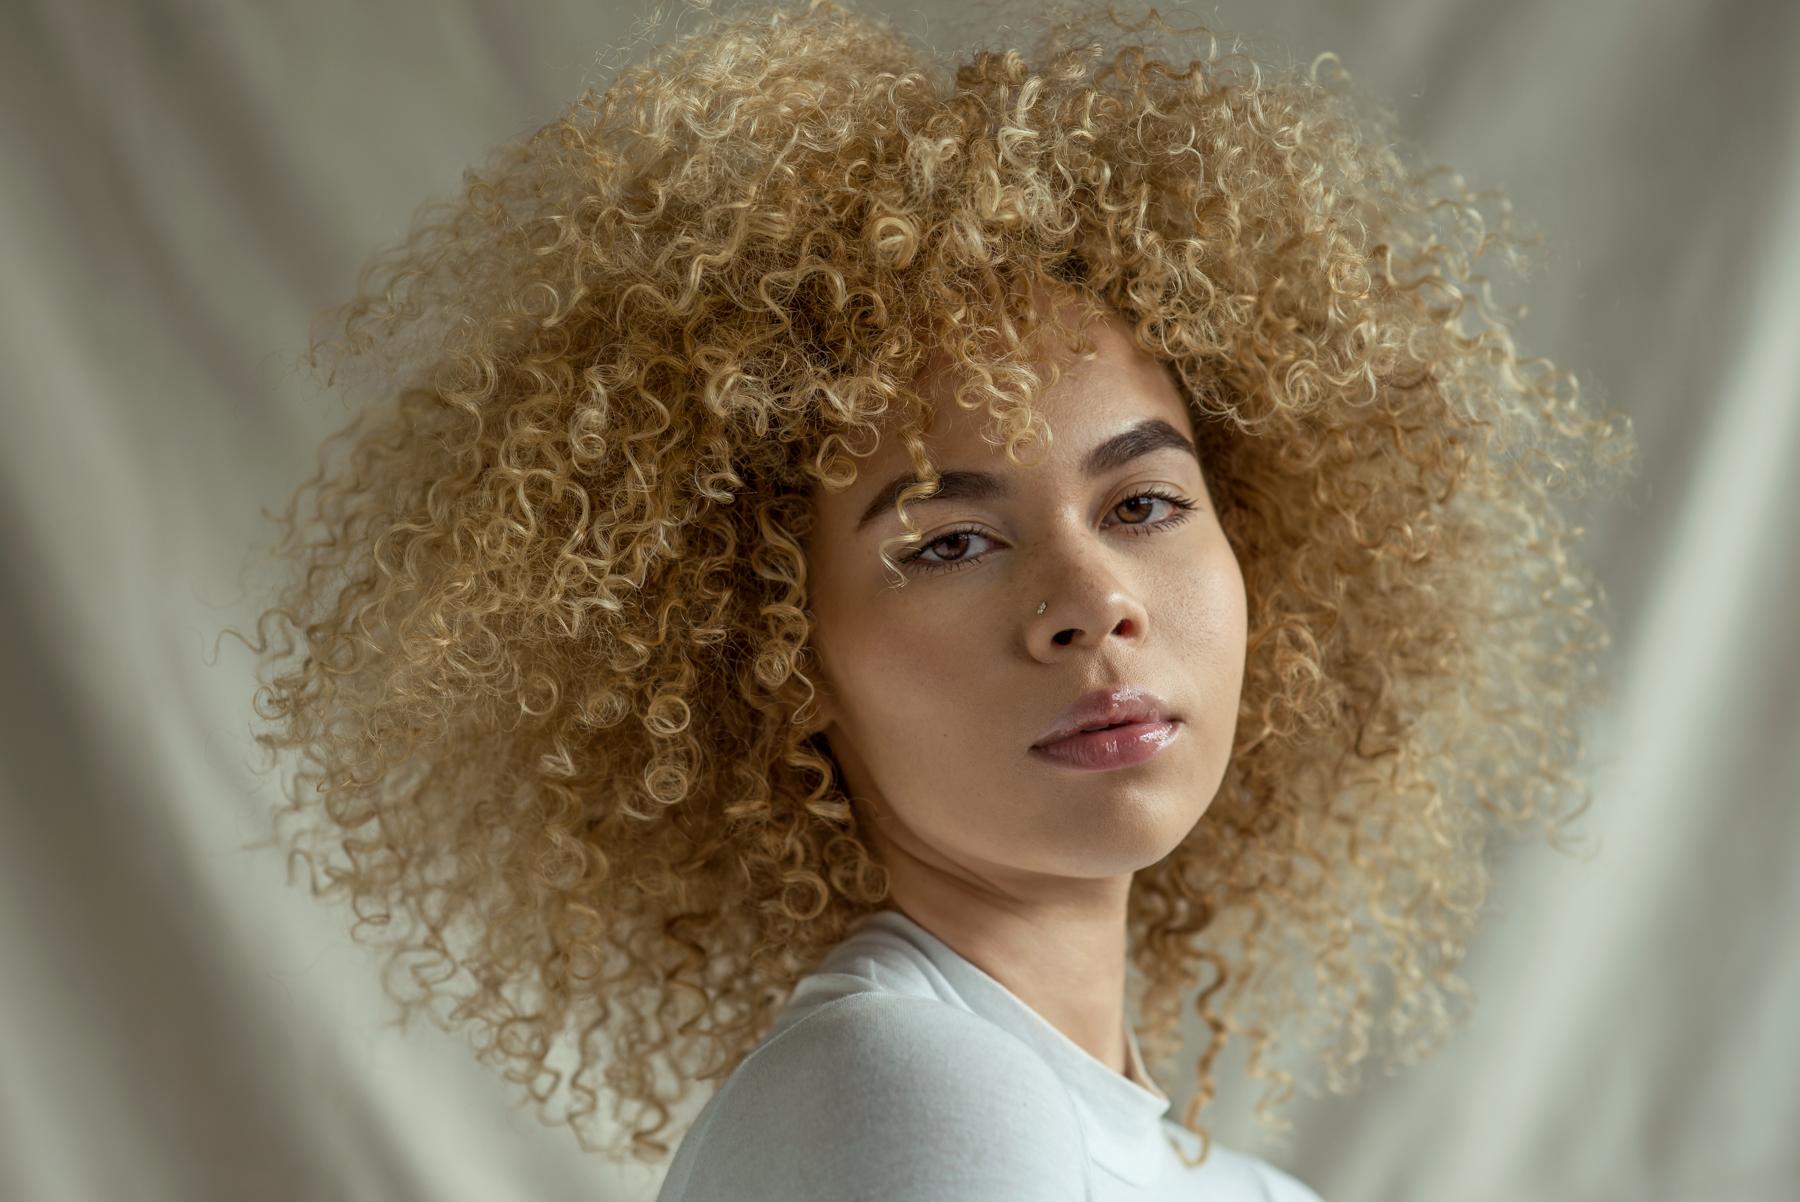 Model: Alyssa